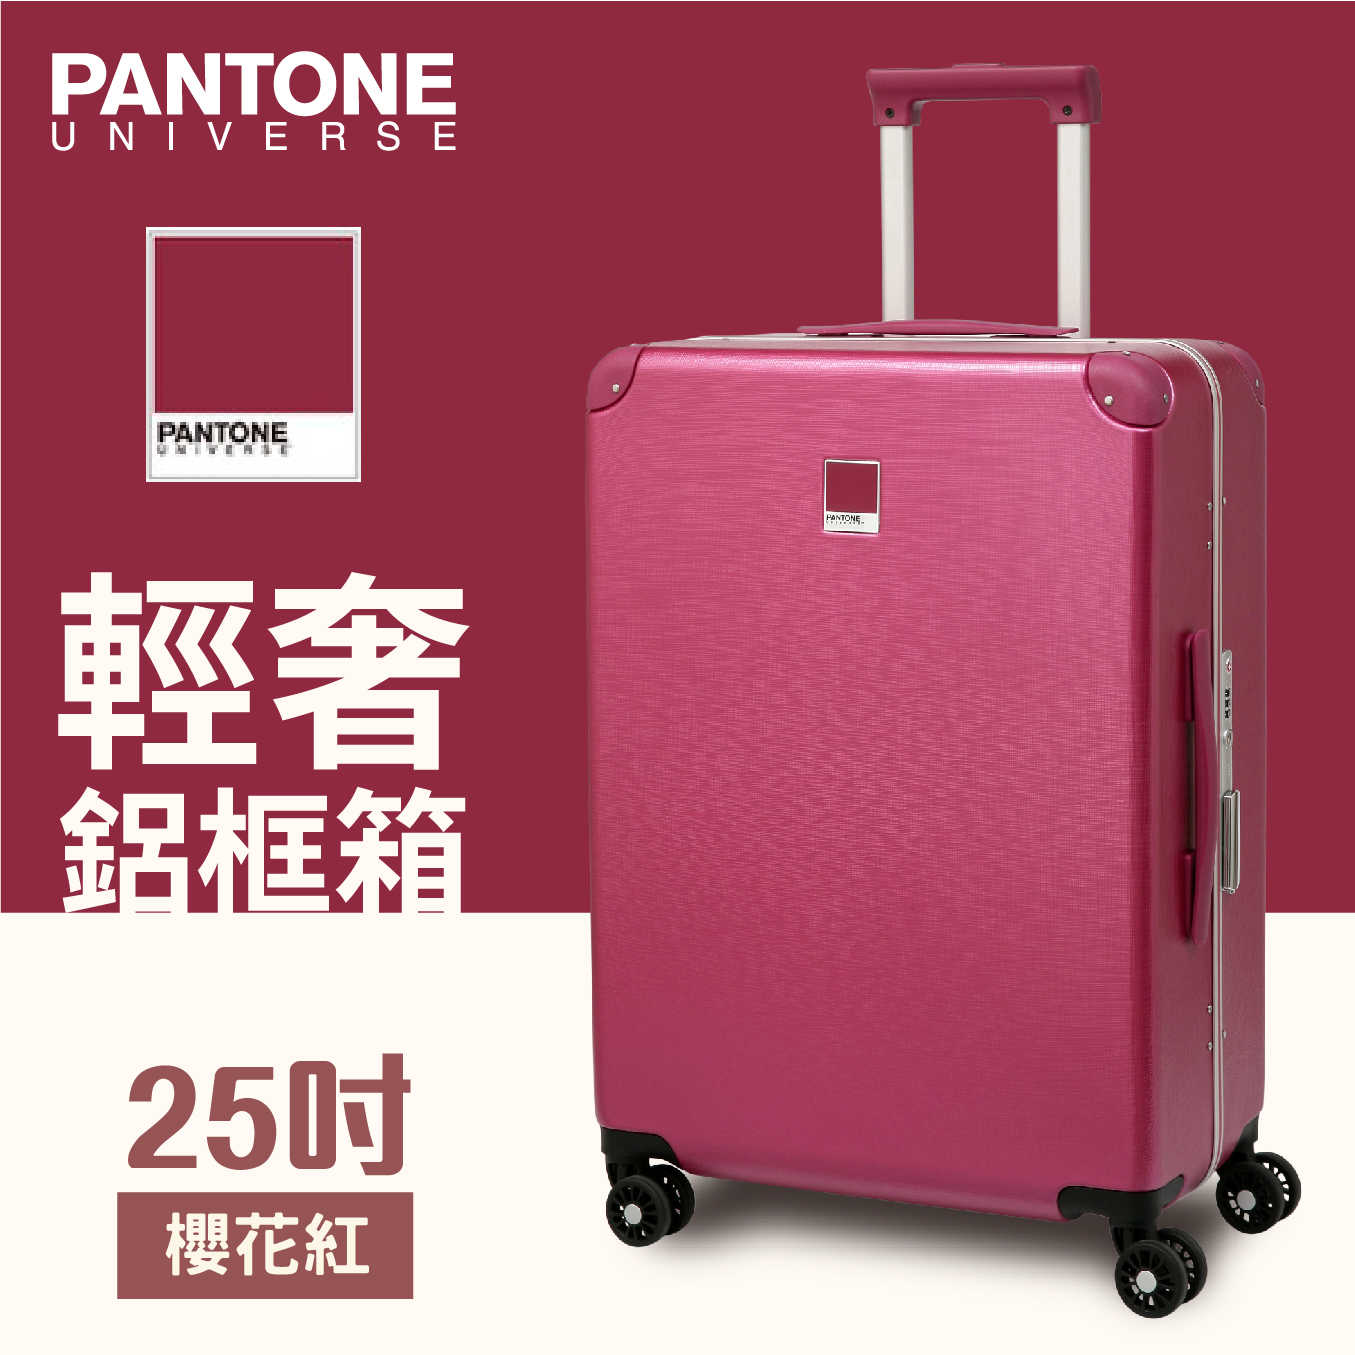 PANTONE 輕奢鋁框行李箱  (藍/紅) 25吋 獨家聯名款 台灣限定旅行箱